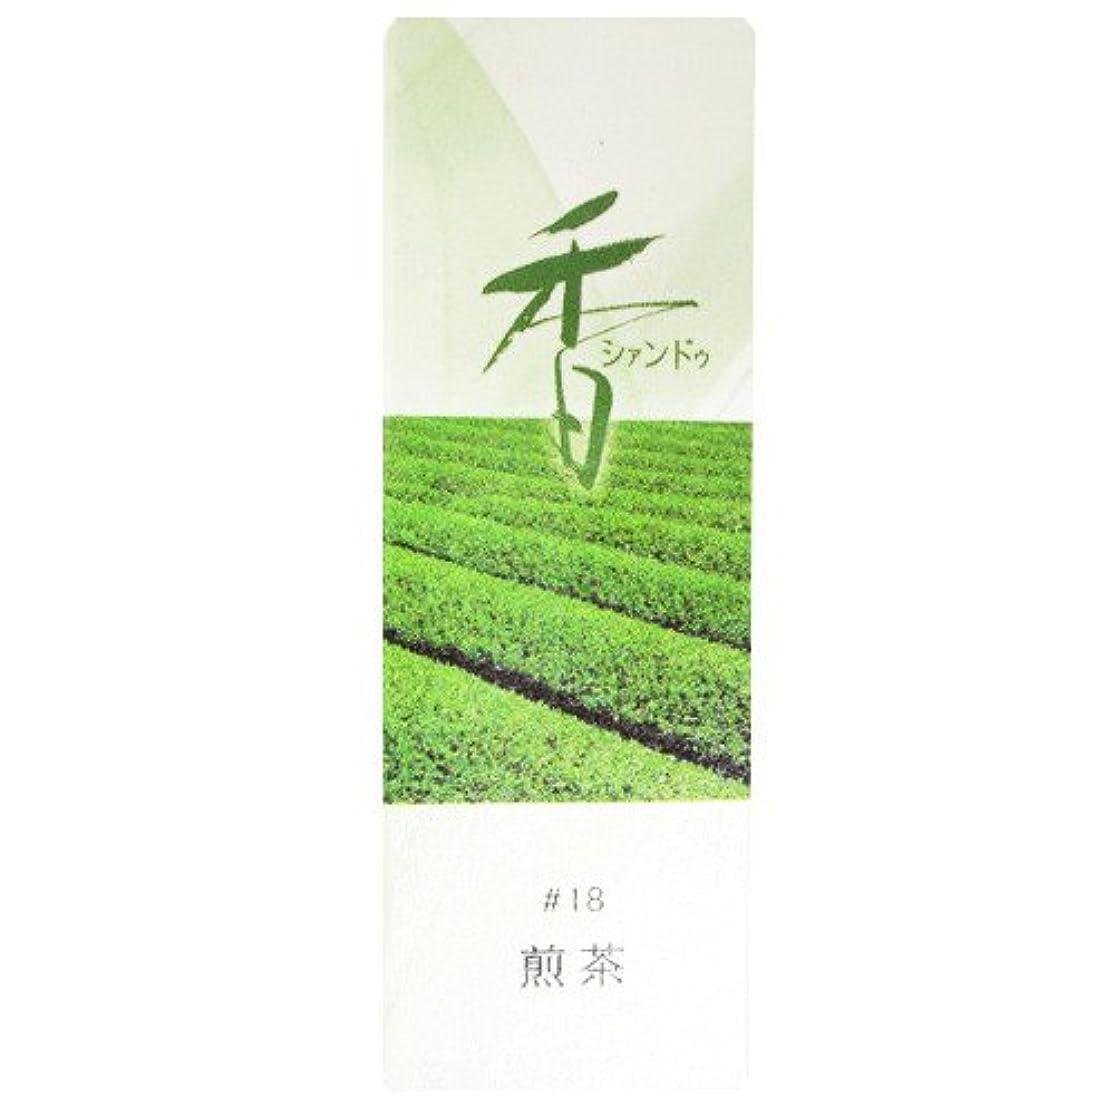 バングラデシュ非アクティブ論理松栄堂のお香 Xiang Do(シャンドゥ) 煎茶 ST20本入 簡易香立付 #214218